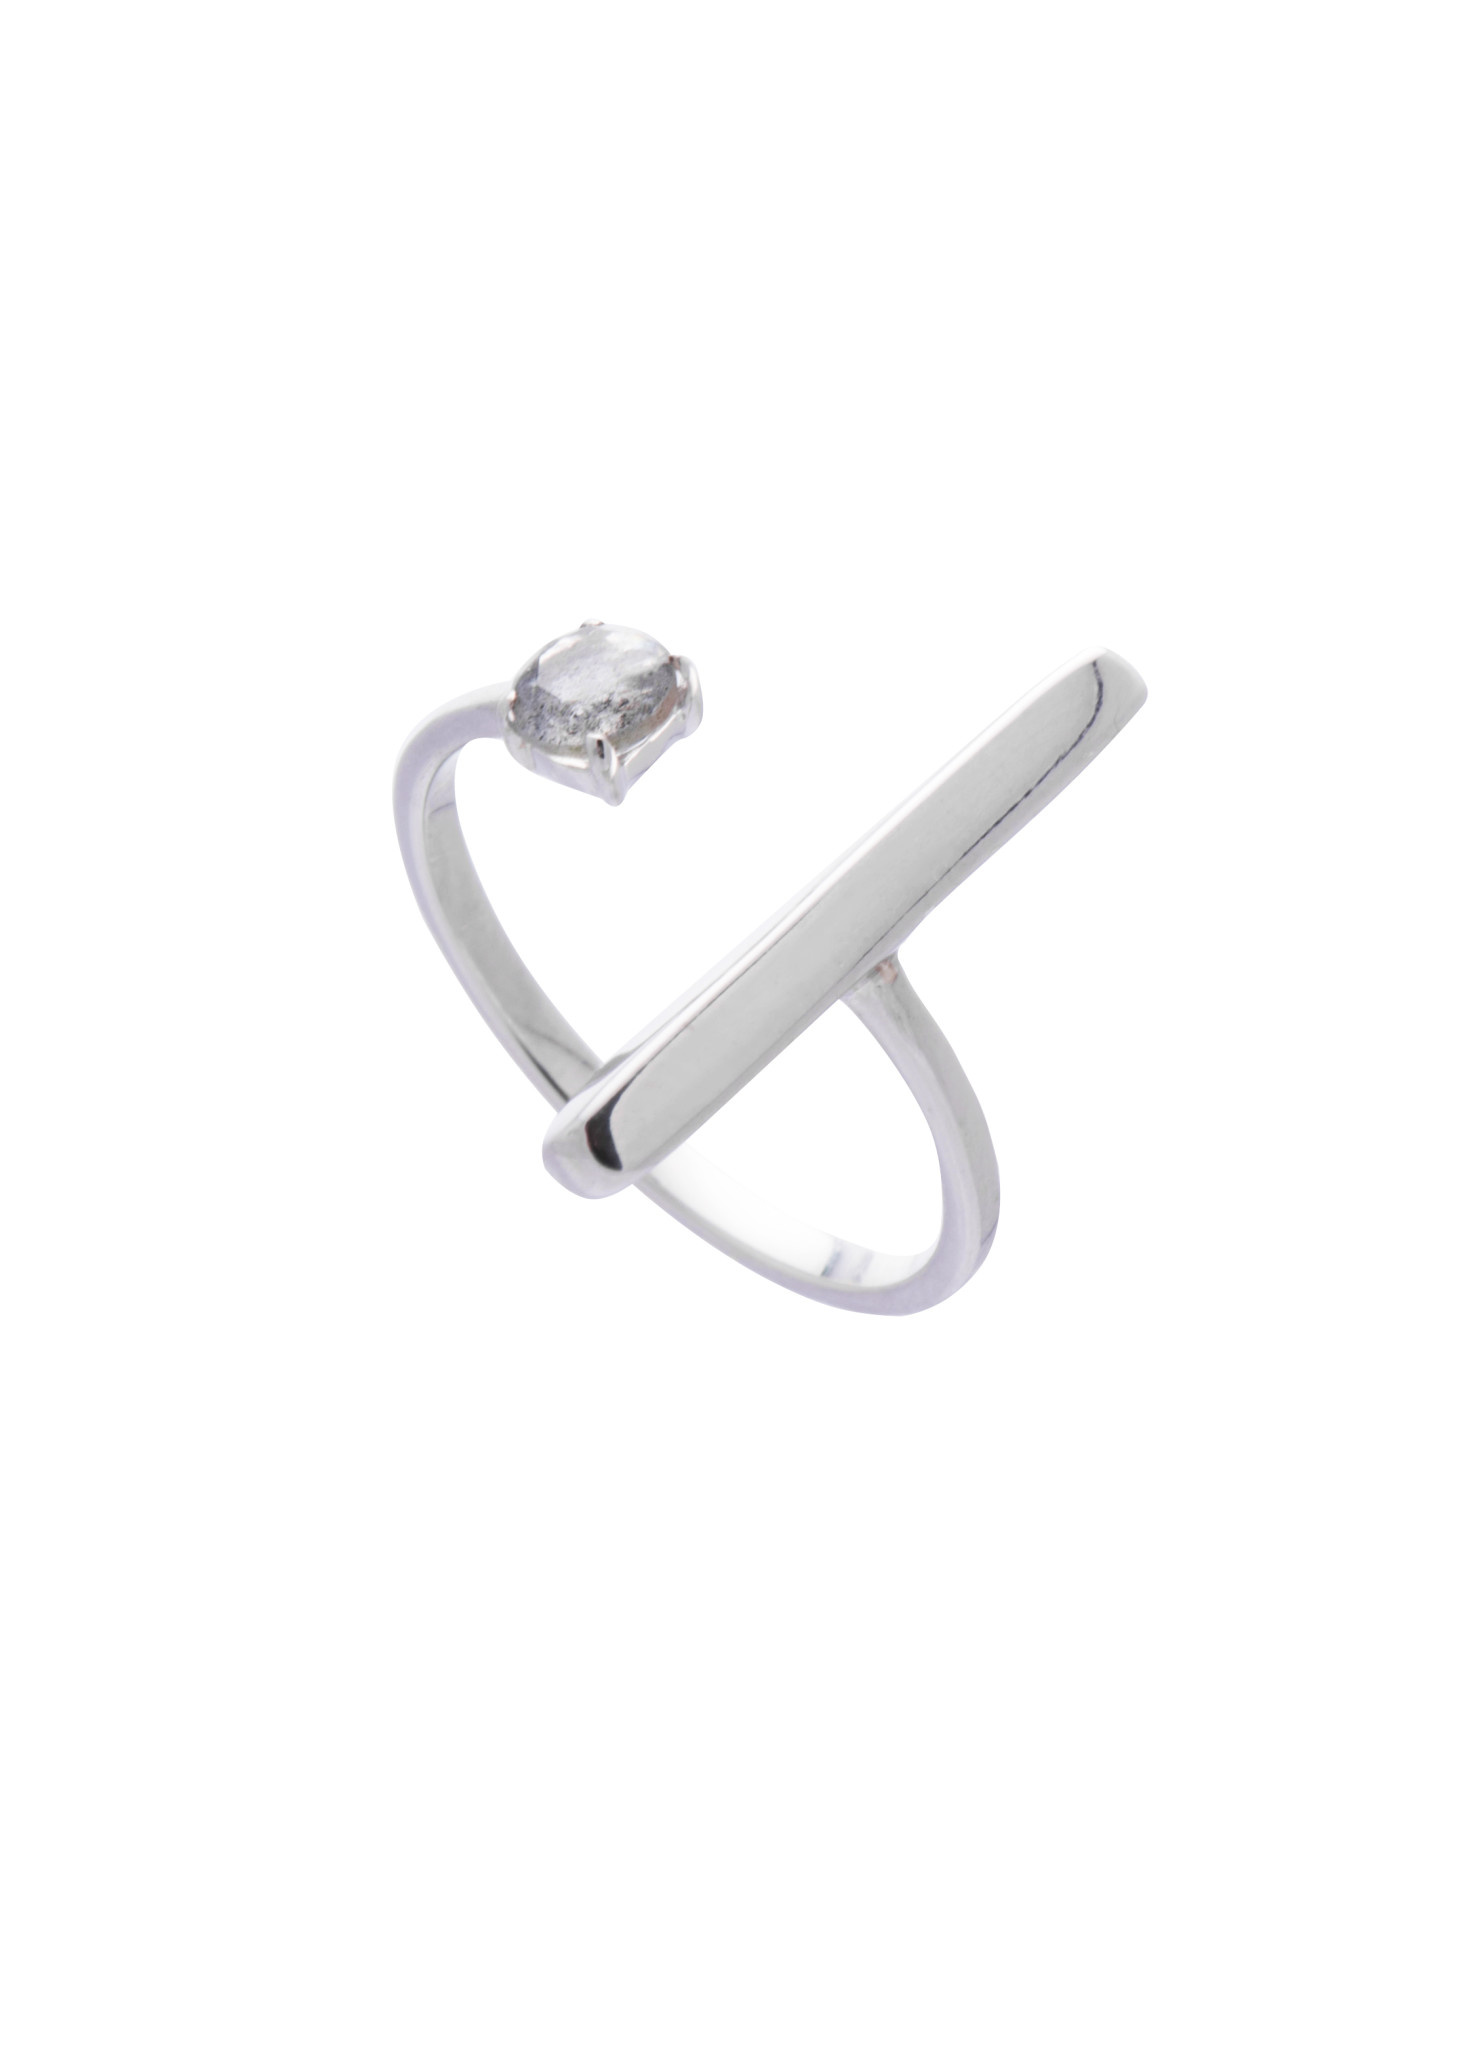 Sarah Mulder Jewelry Sarah Mulder Jewelry - Bague Tali Moonstone